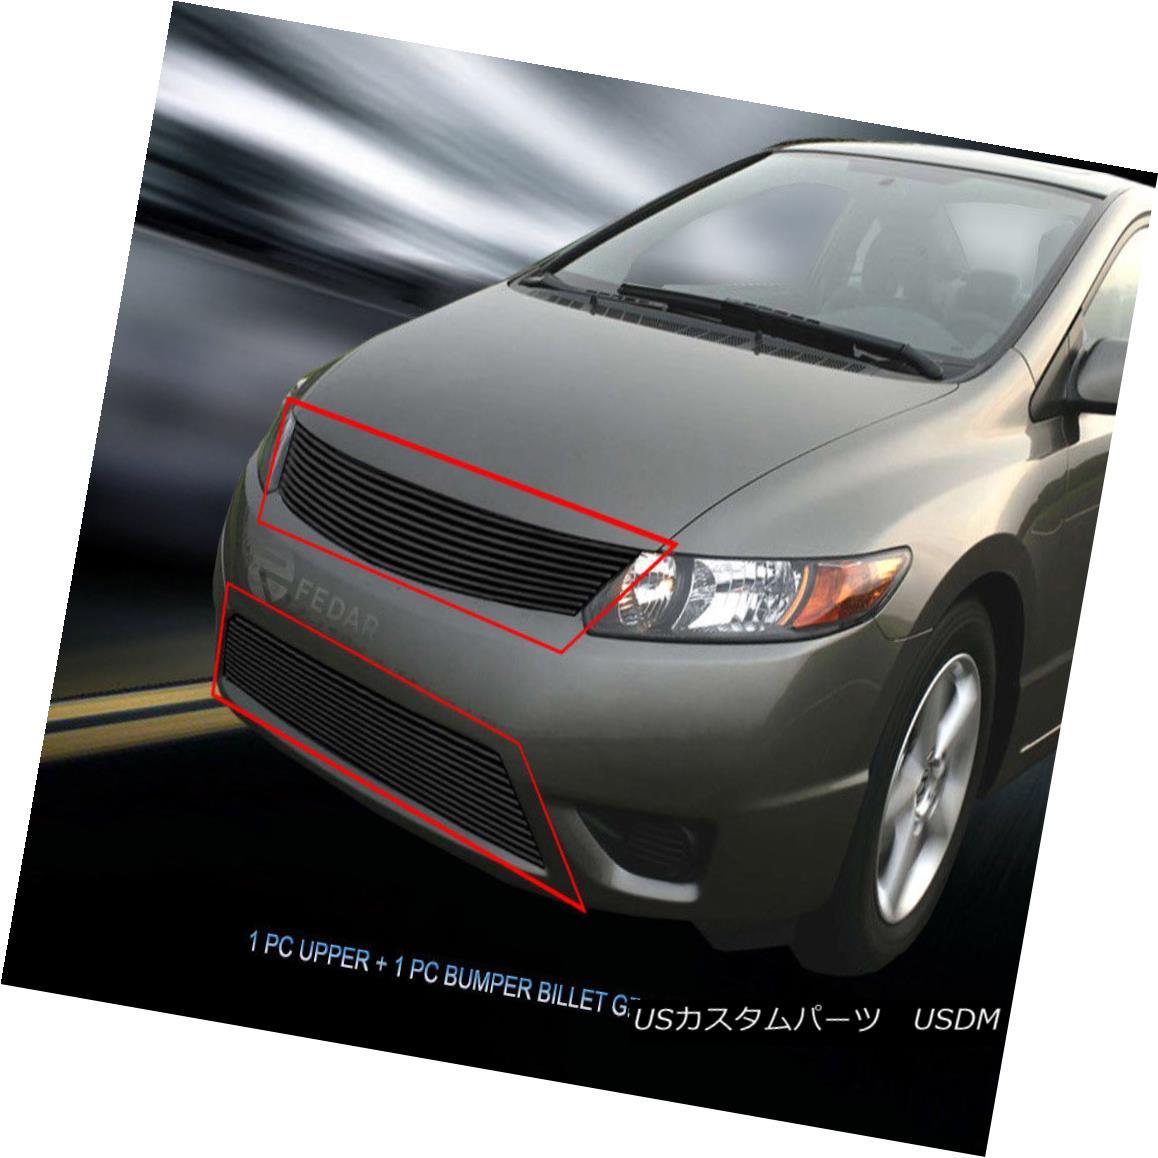 グリル Fedar Fits 06-08 Honda Civic Combo Black Billet Grille Fedar Fits 06-08ホンダシビックコンボブラックビレットグリル